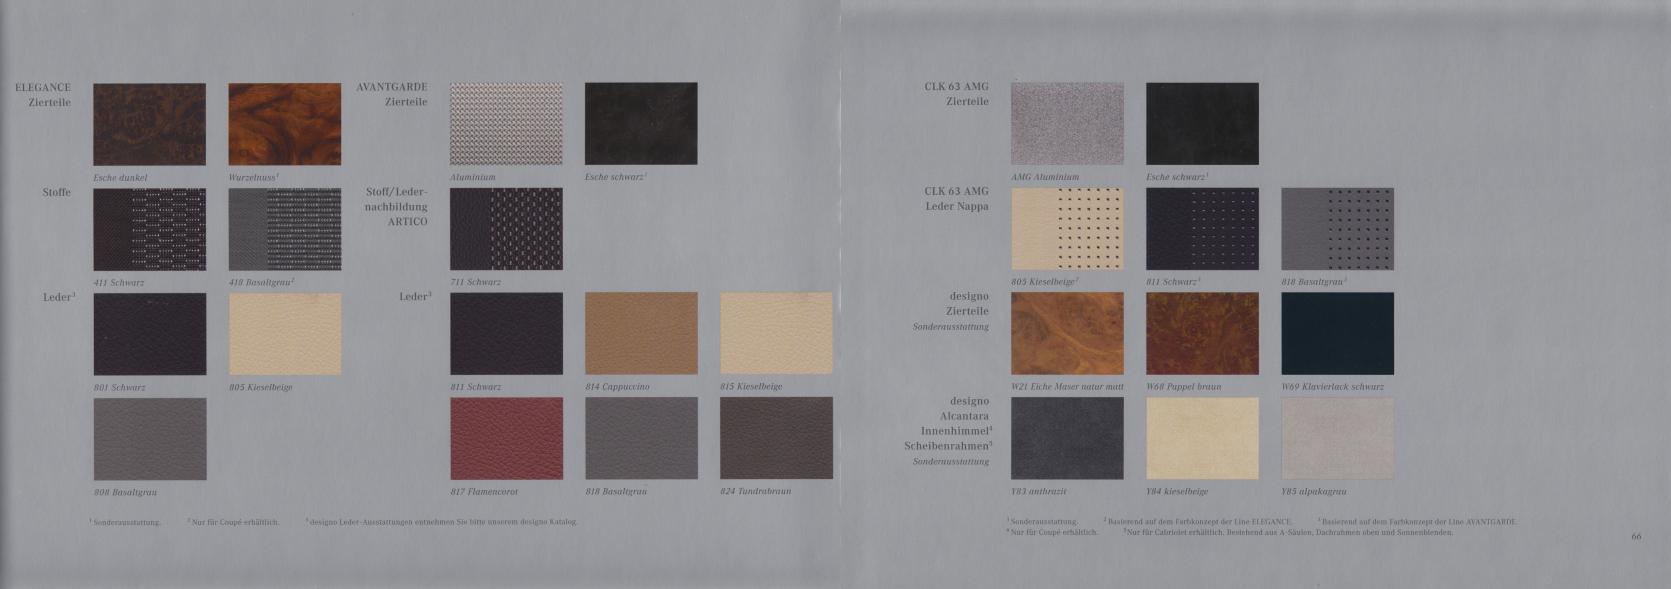 (A/C209): Catálogo 2007 - alemão 034